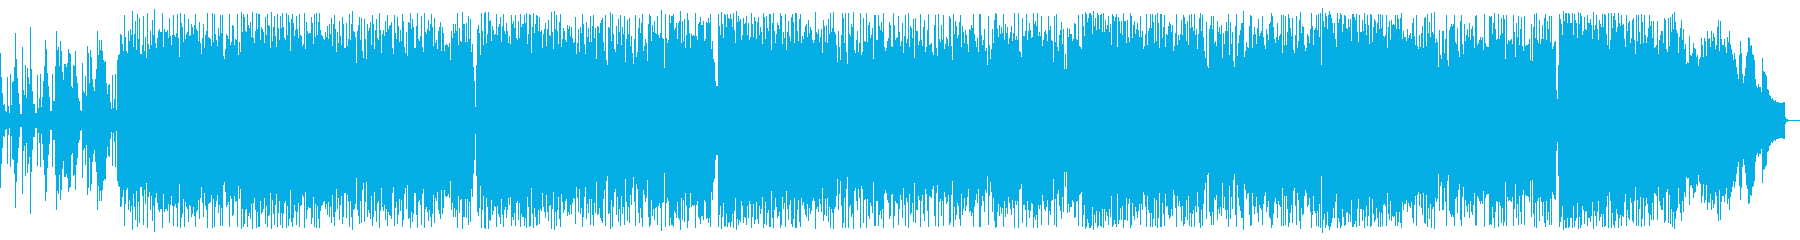 天気予報BGM(ピアノ中心のバラード)の再生済みの波形